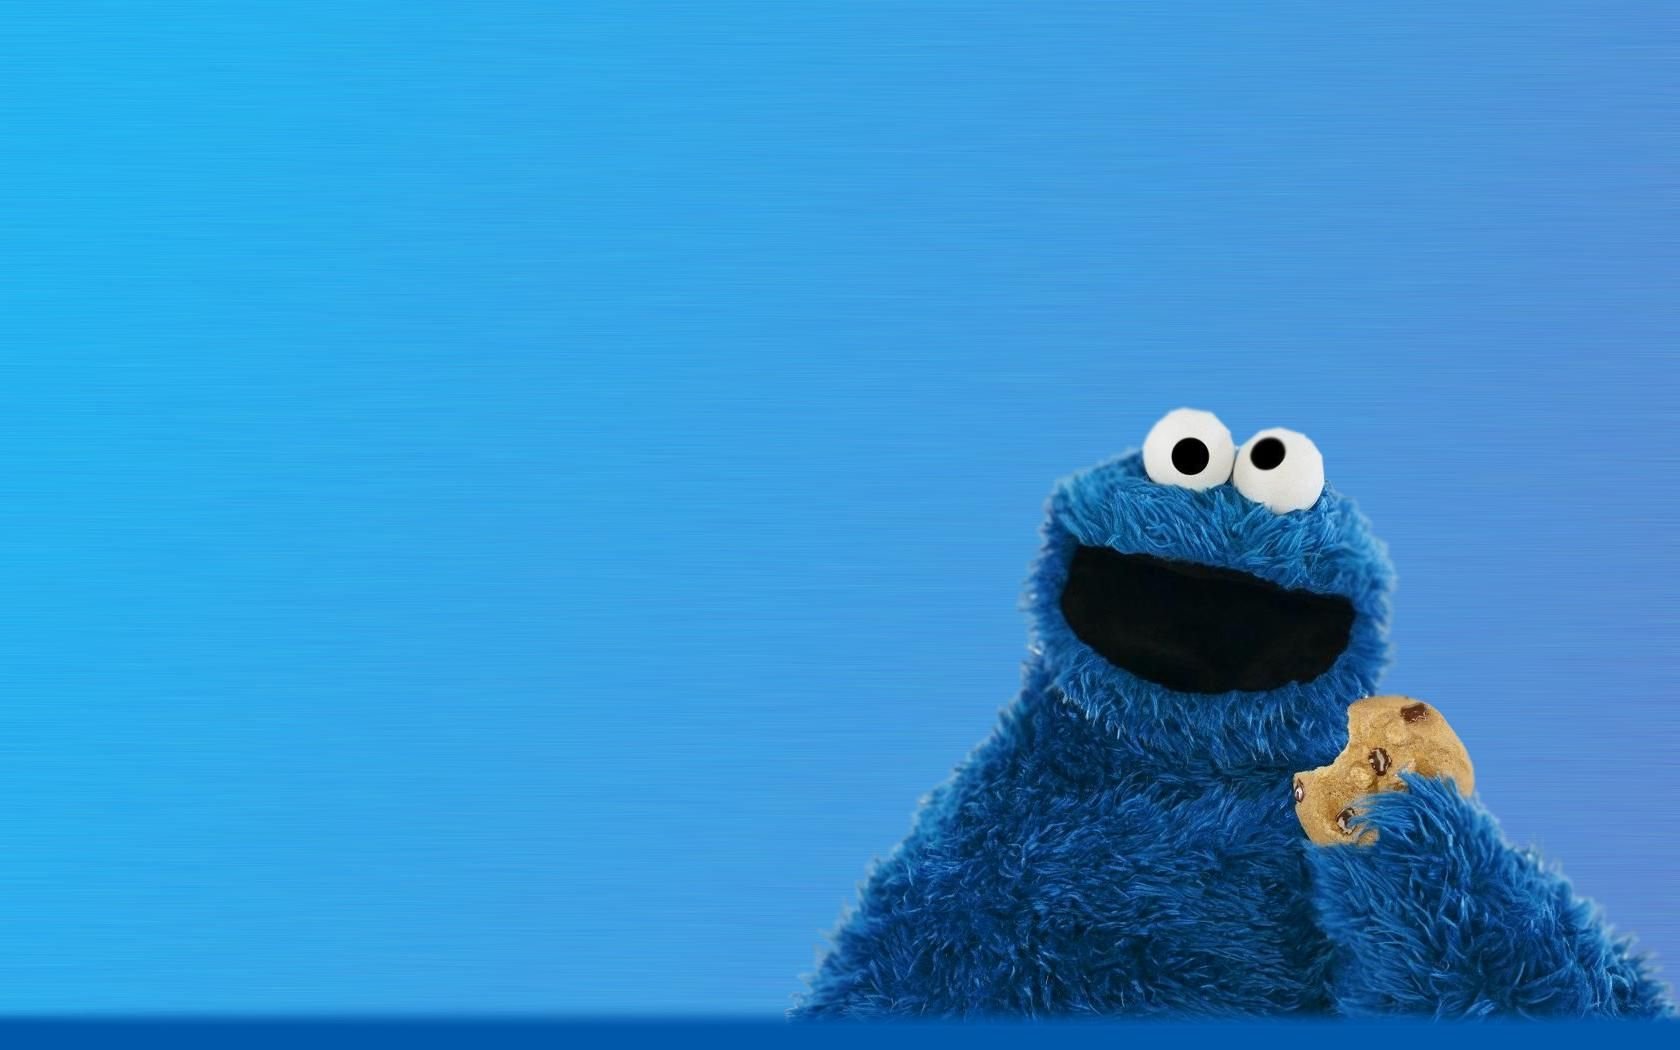 Cookie Monster Monster Cookies Cookie Monster Wallpaper Blue Cookies